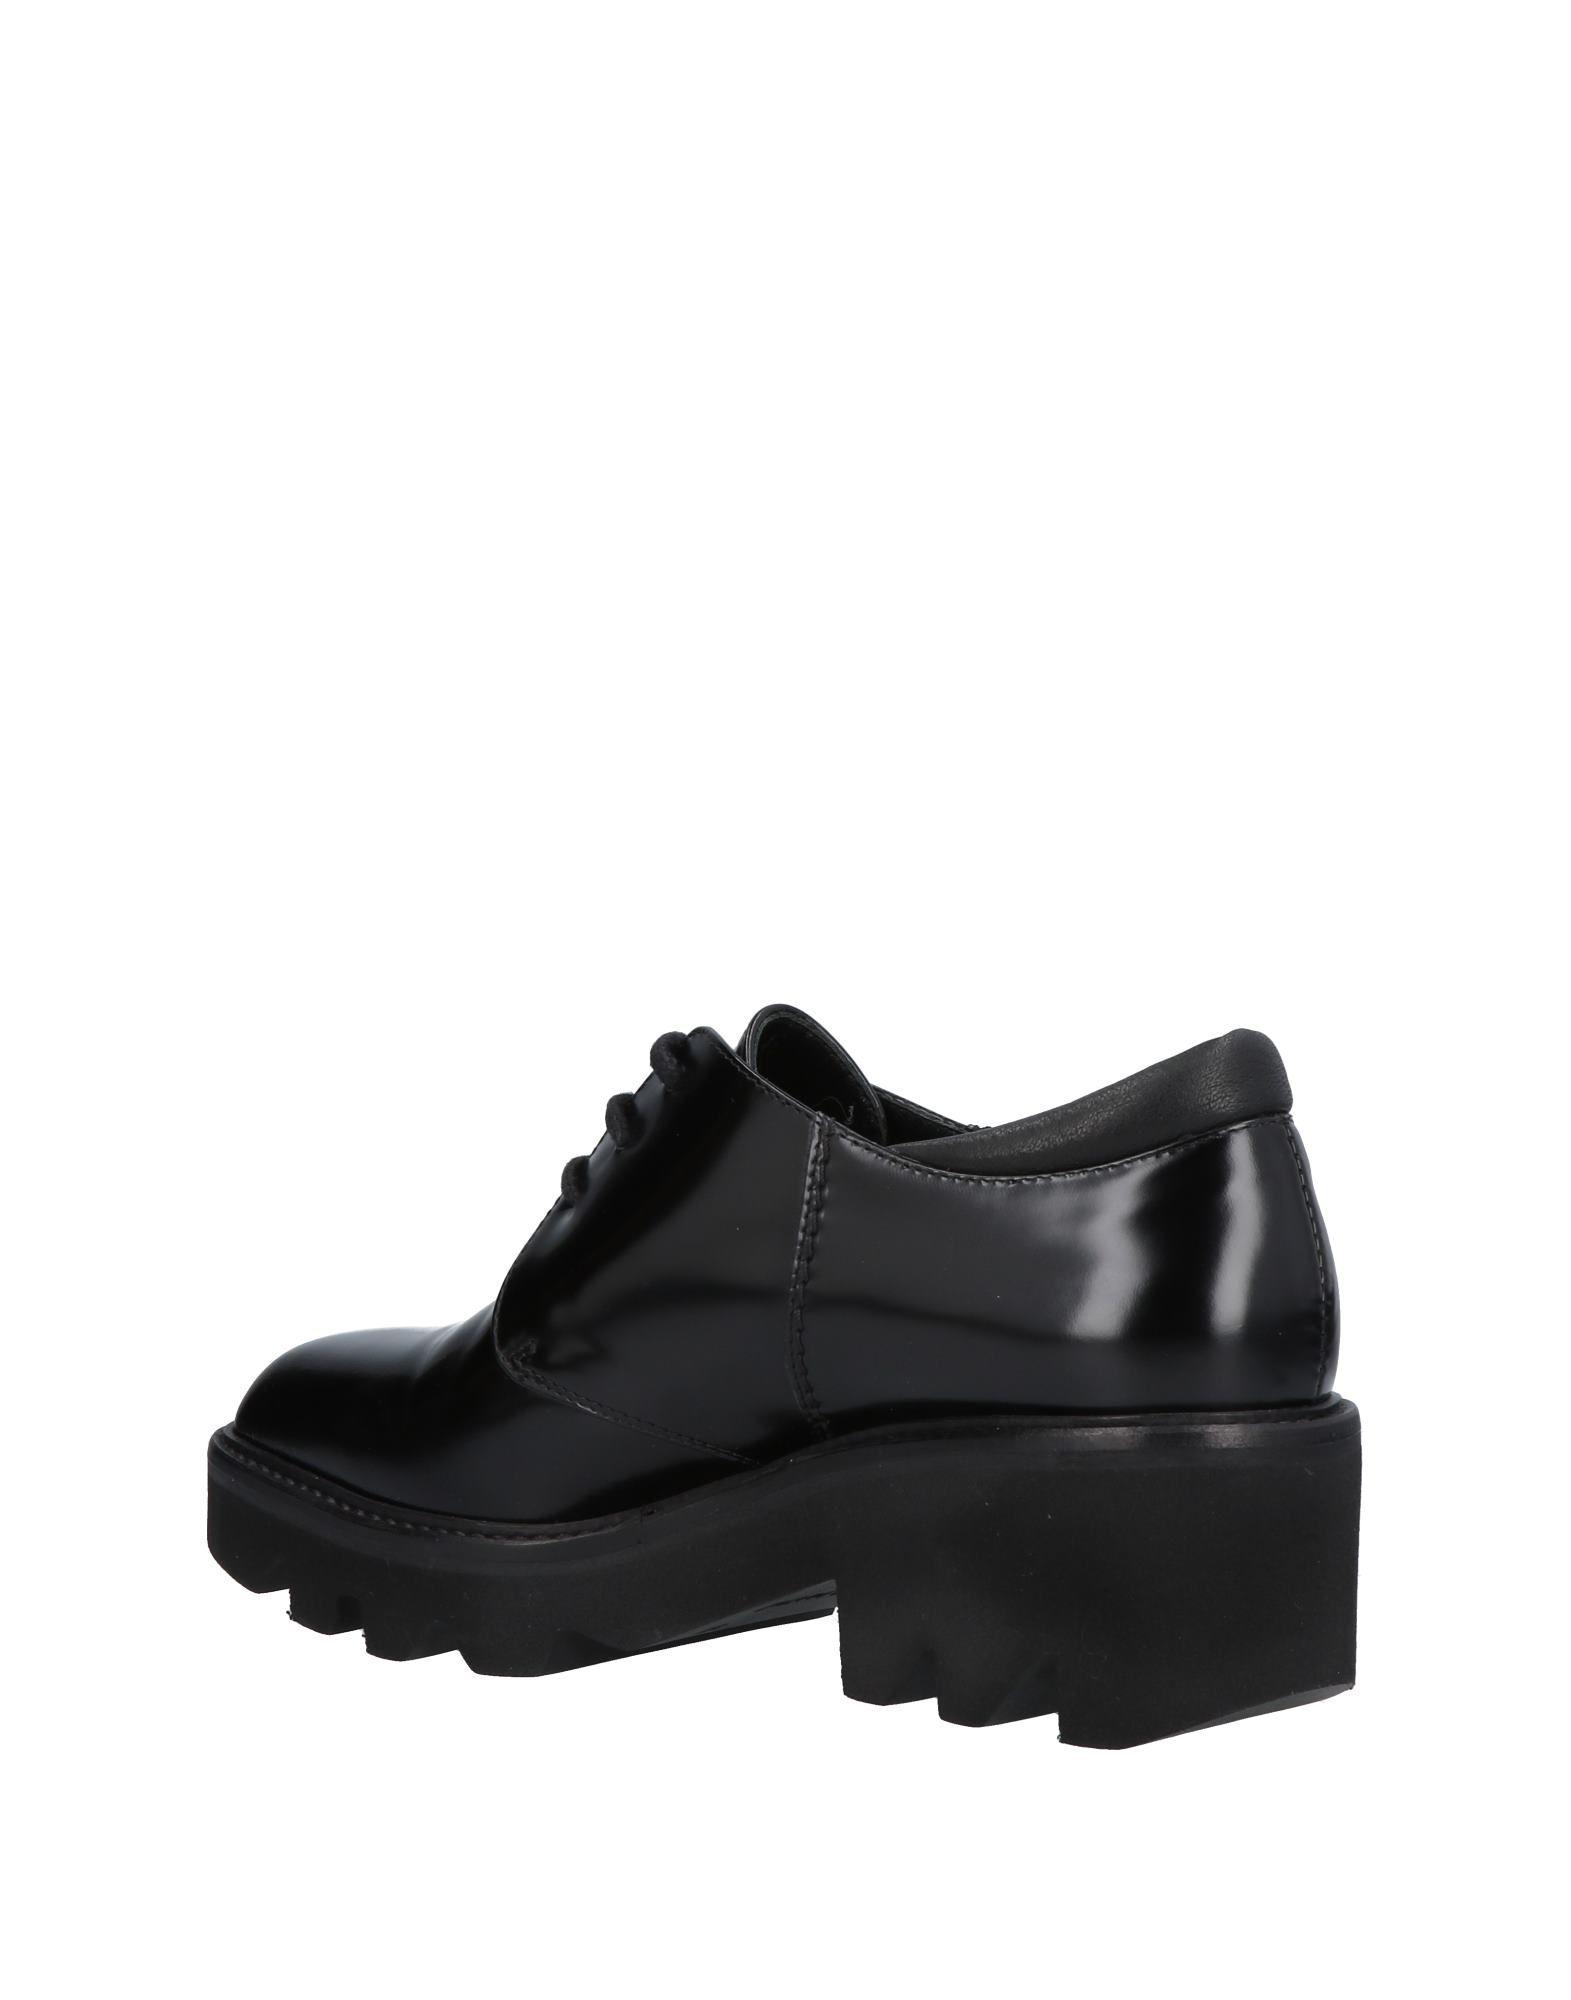 Chaussures À Lacets 87 Vic Matiē Femme - Chaussures À Lacets 87 Vic Matiē sur